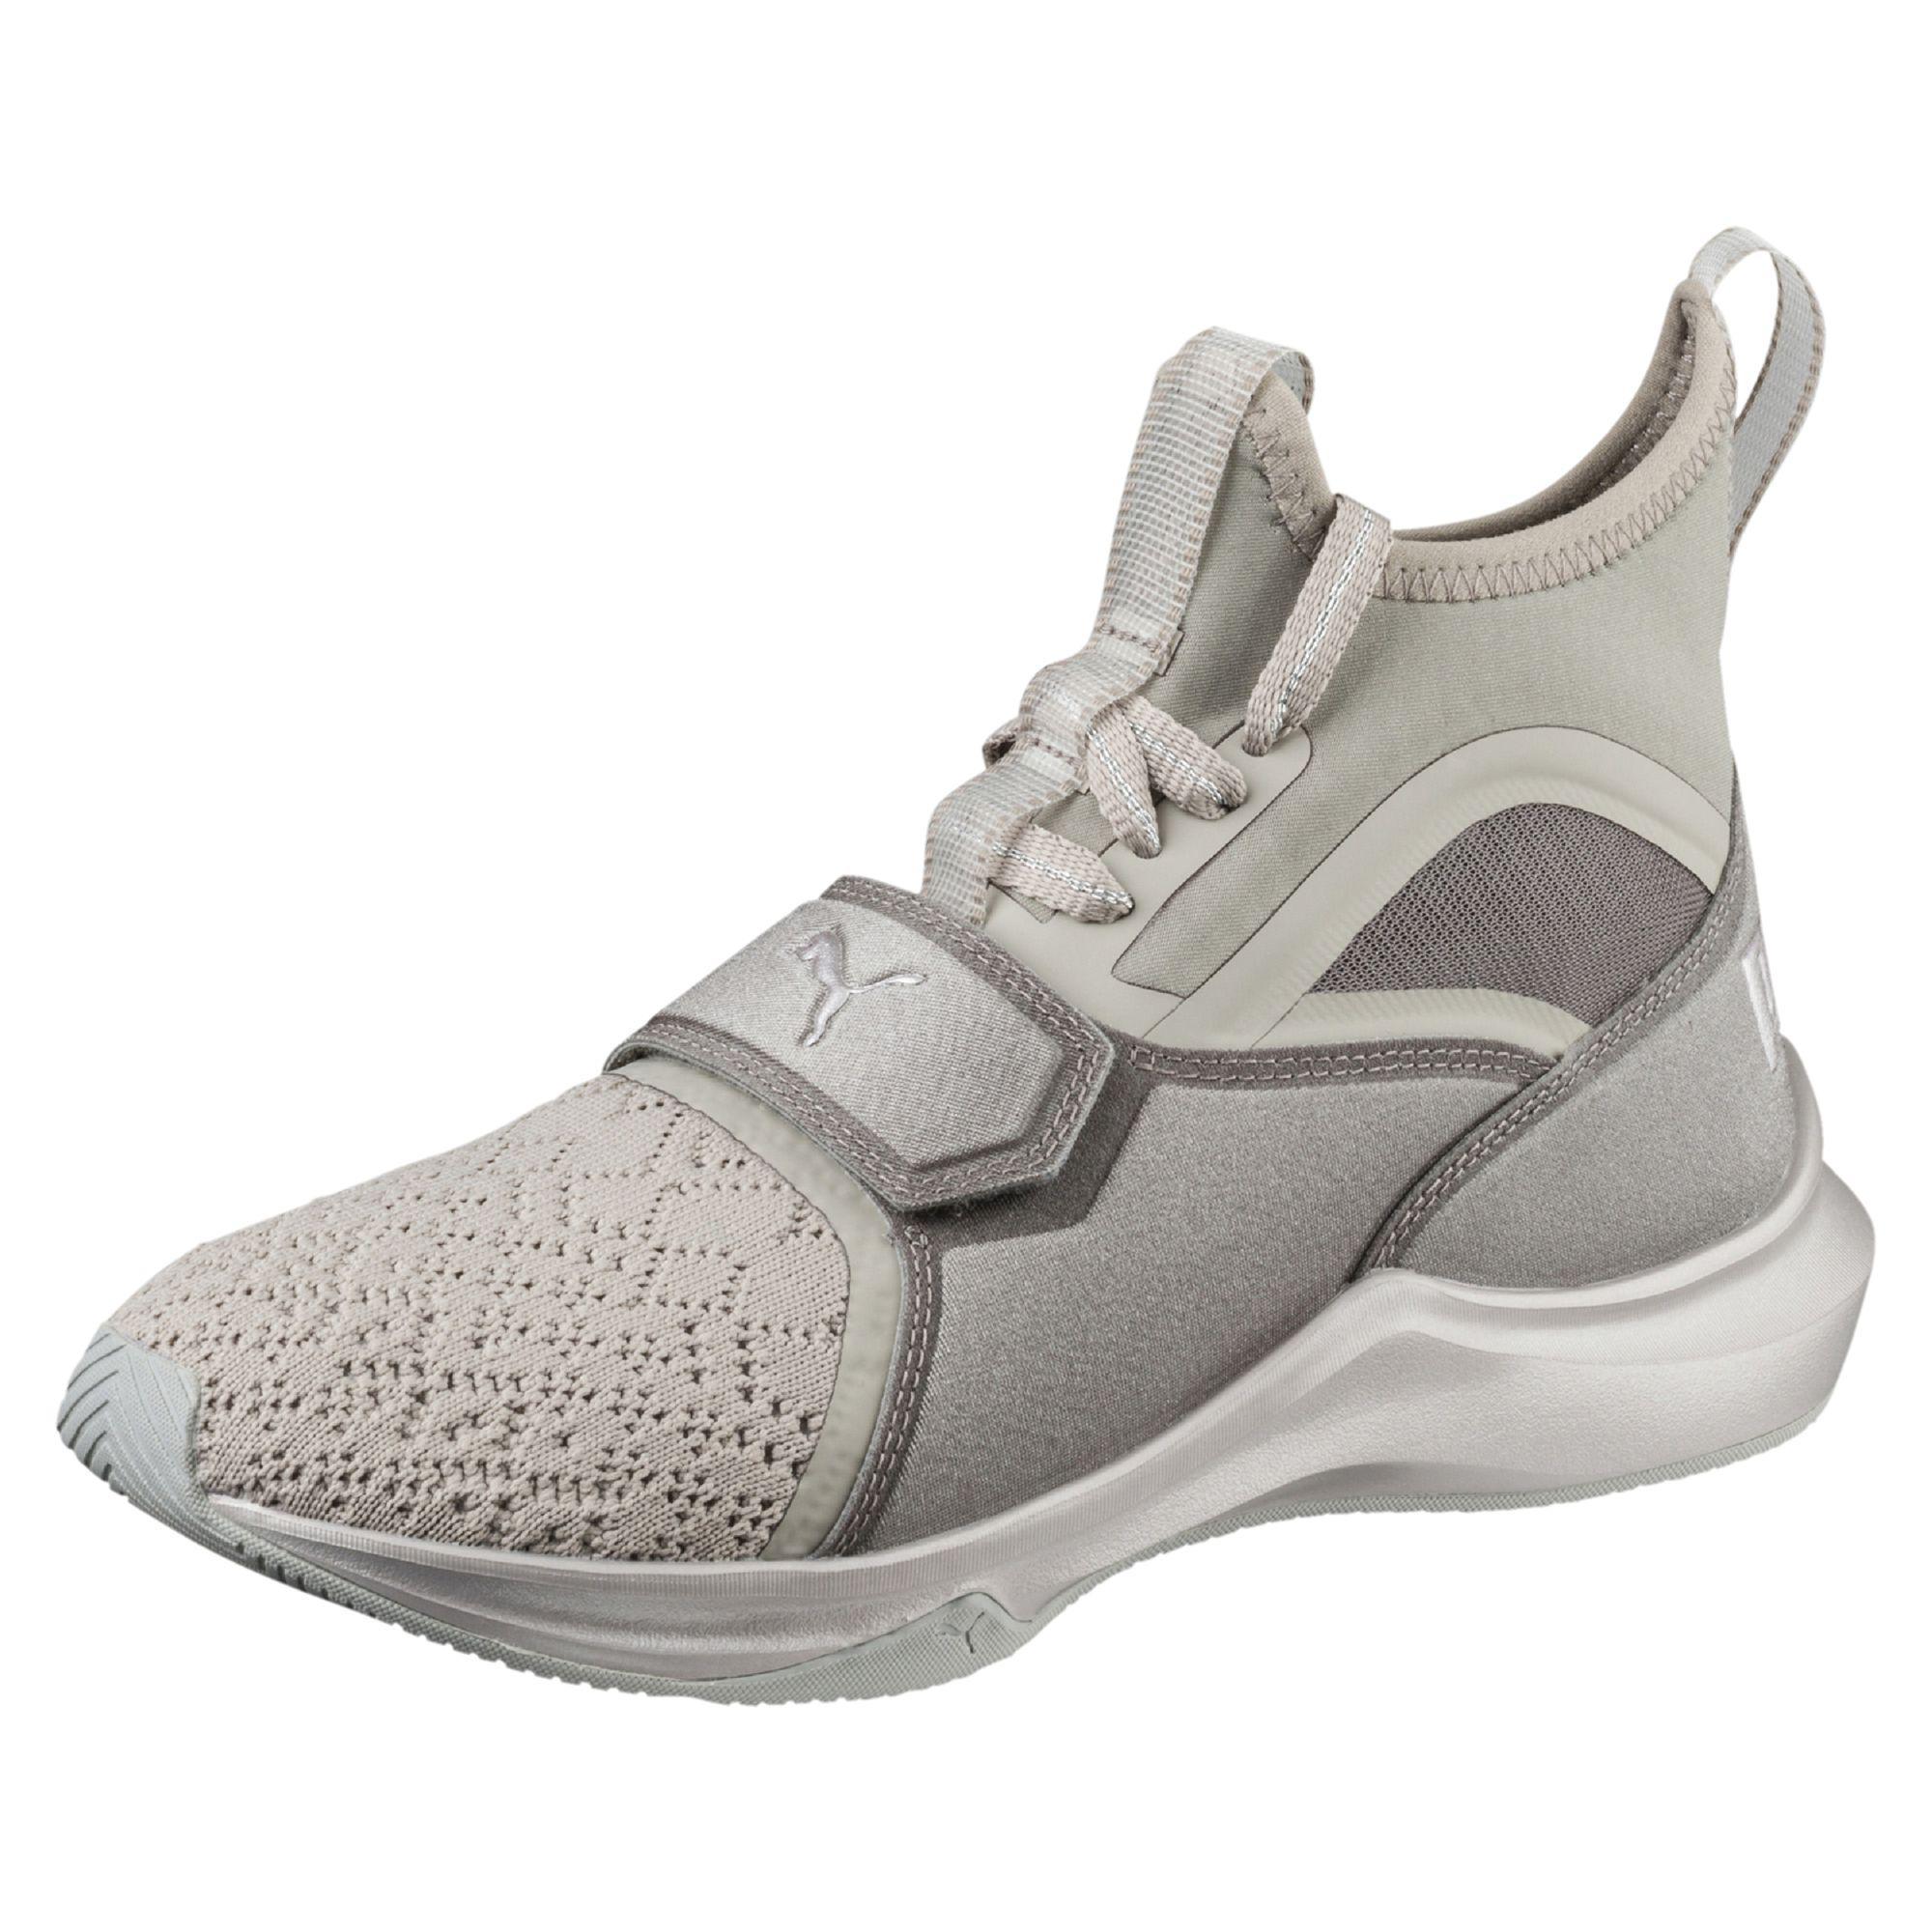 Lyst - PUMA Phenom En Pointe Women s Training Shoes 8b51b3b65